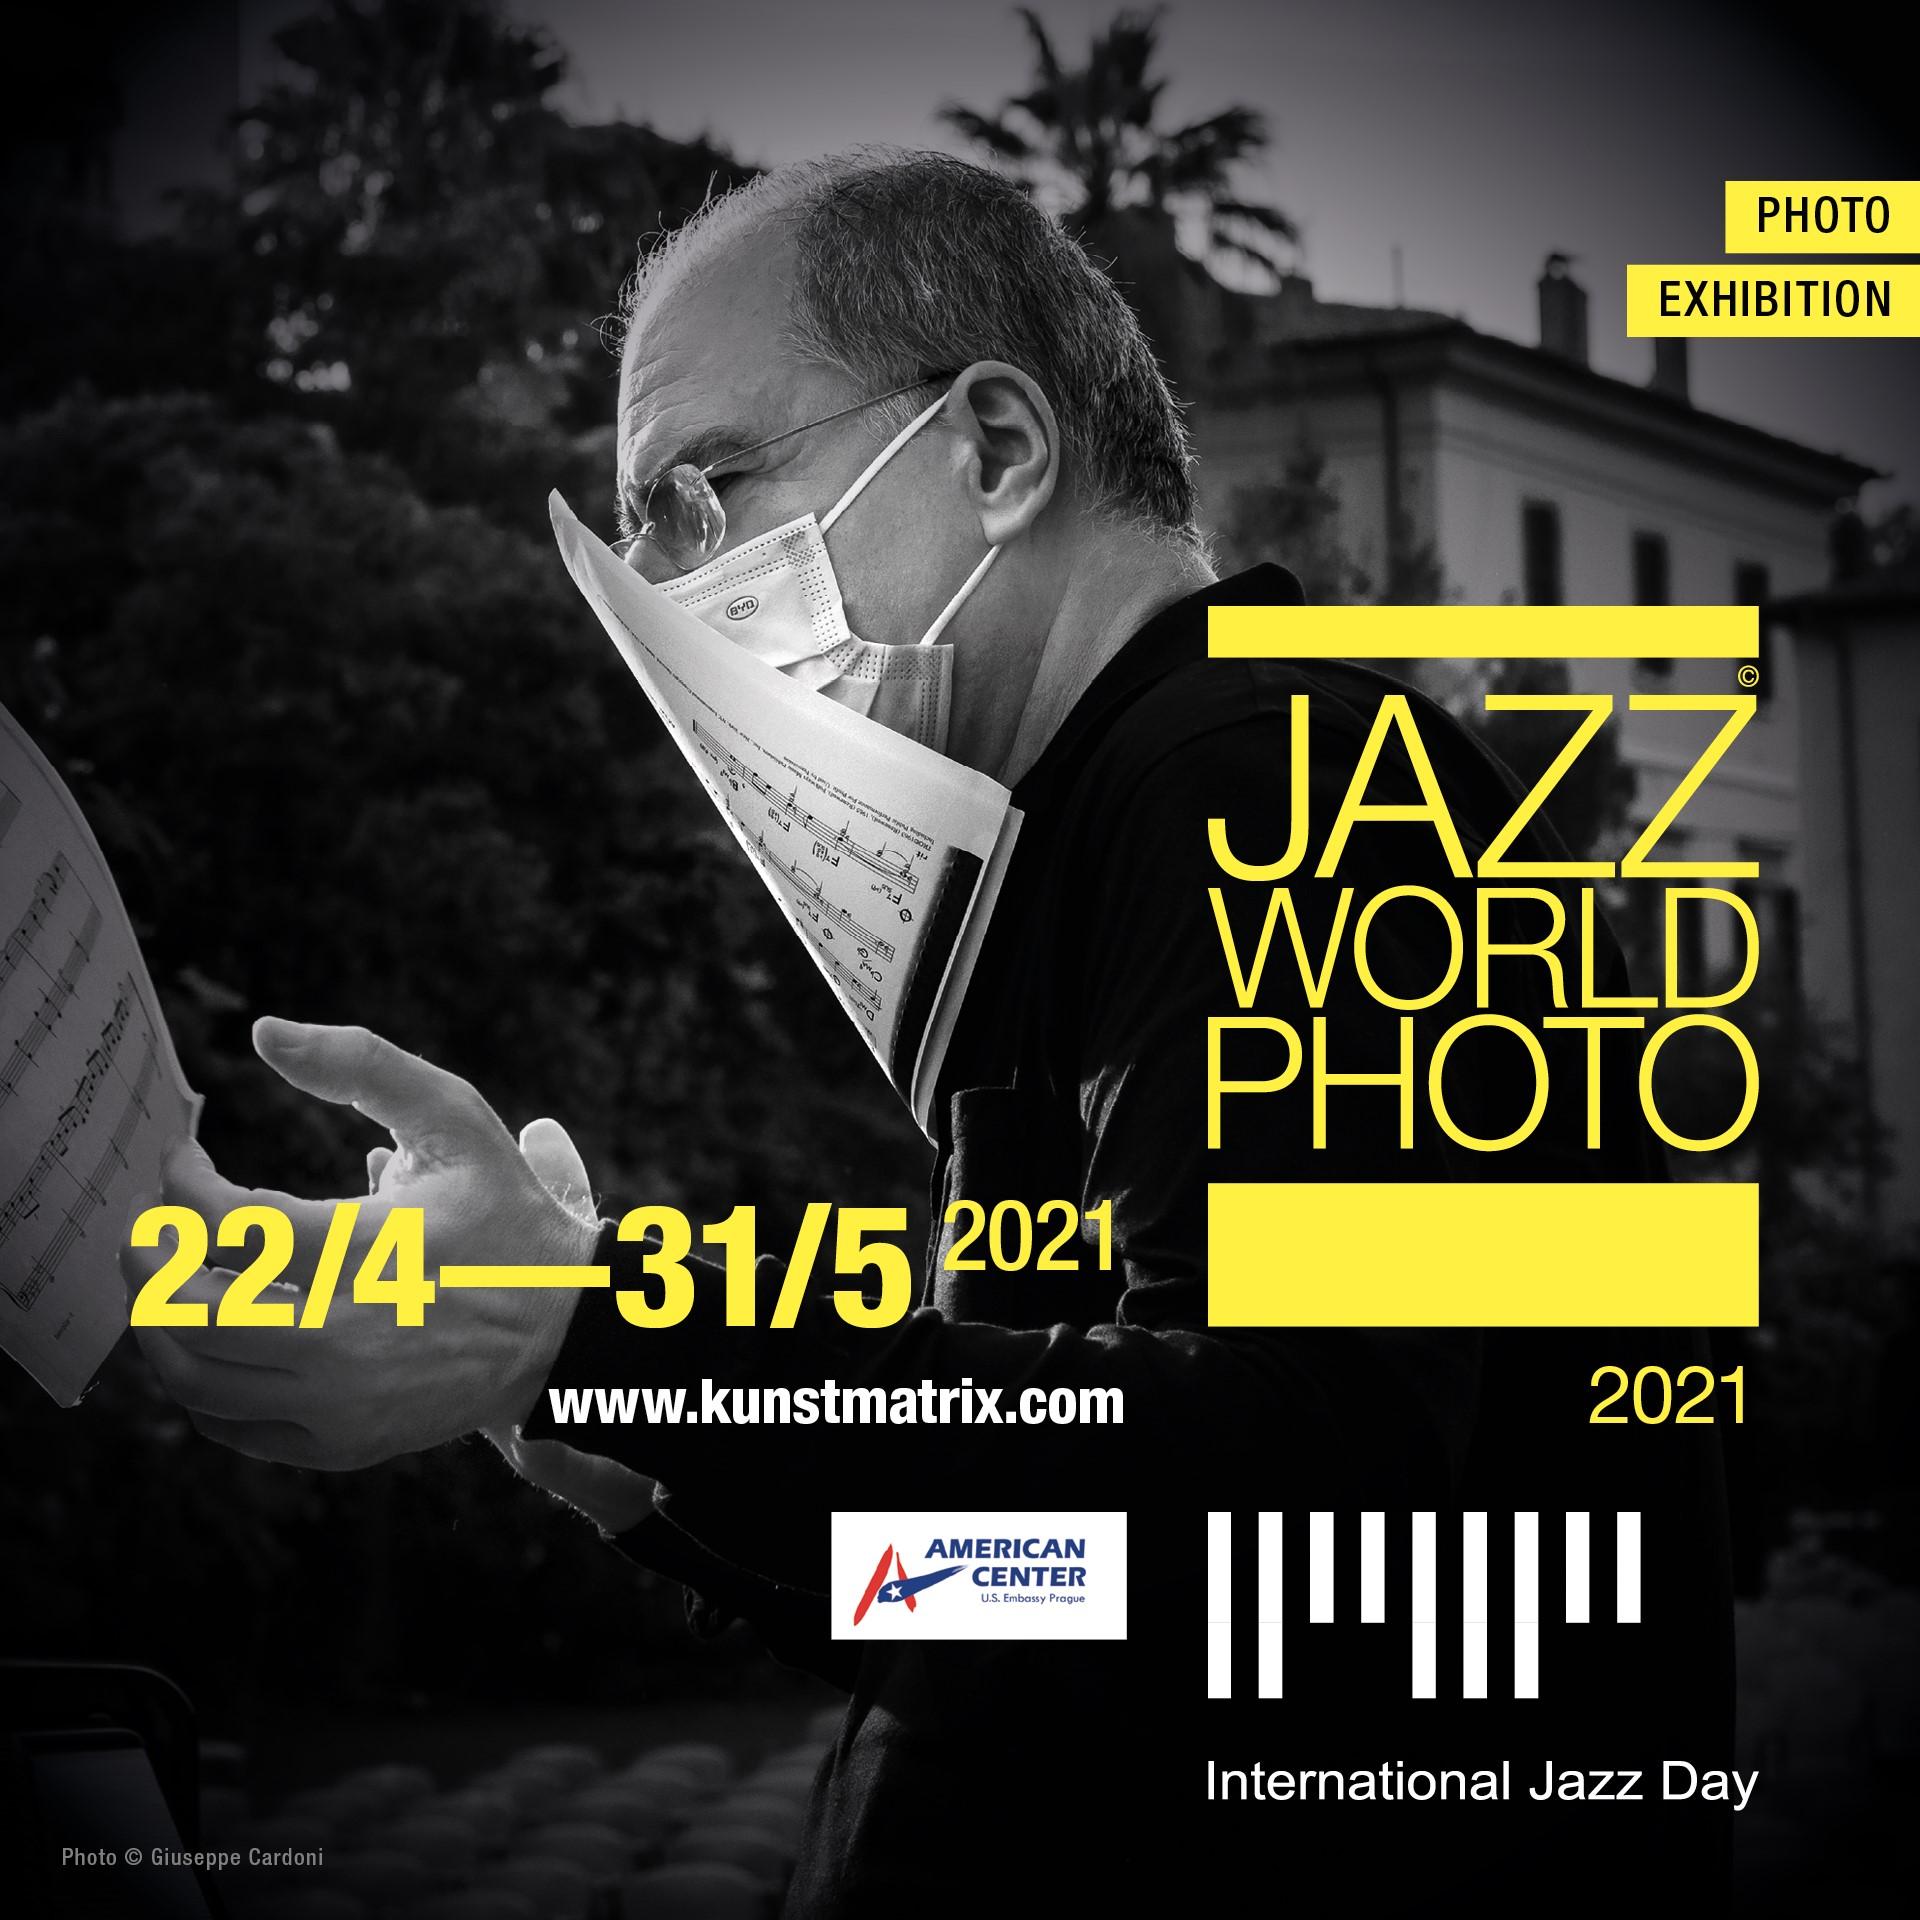 Jazz World Photo Online Exhibition